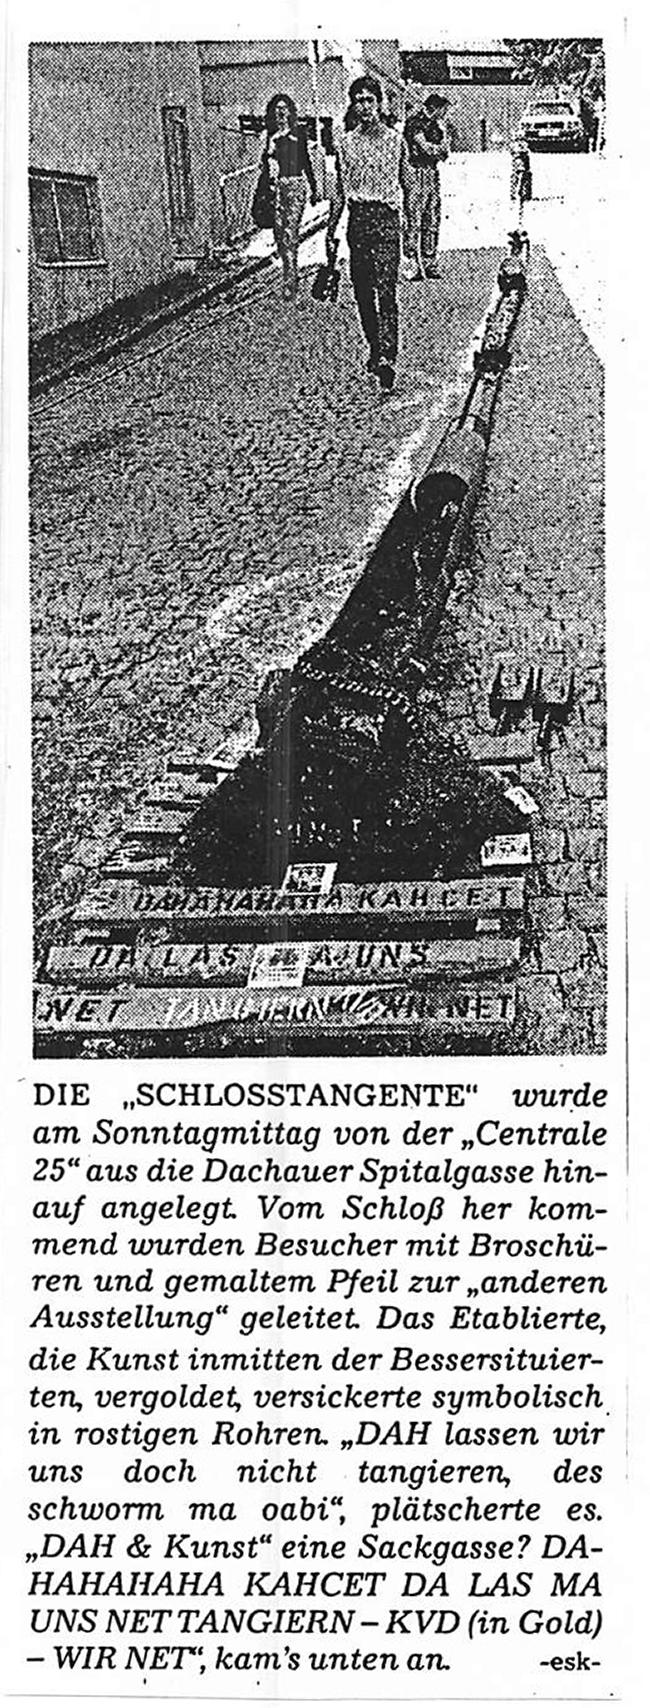 1988 Hauck Wolfgang Dachau SZ Schlosstangente